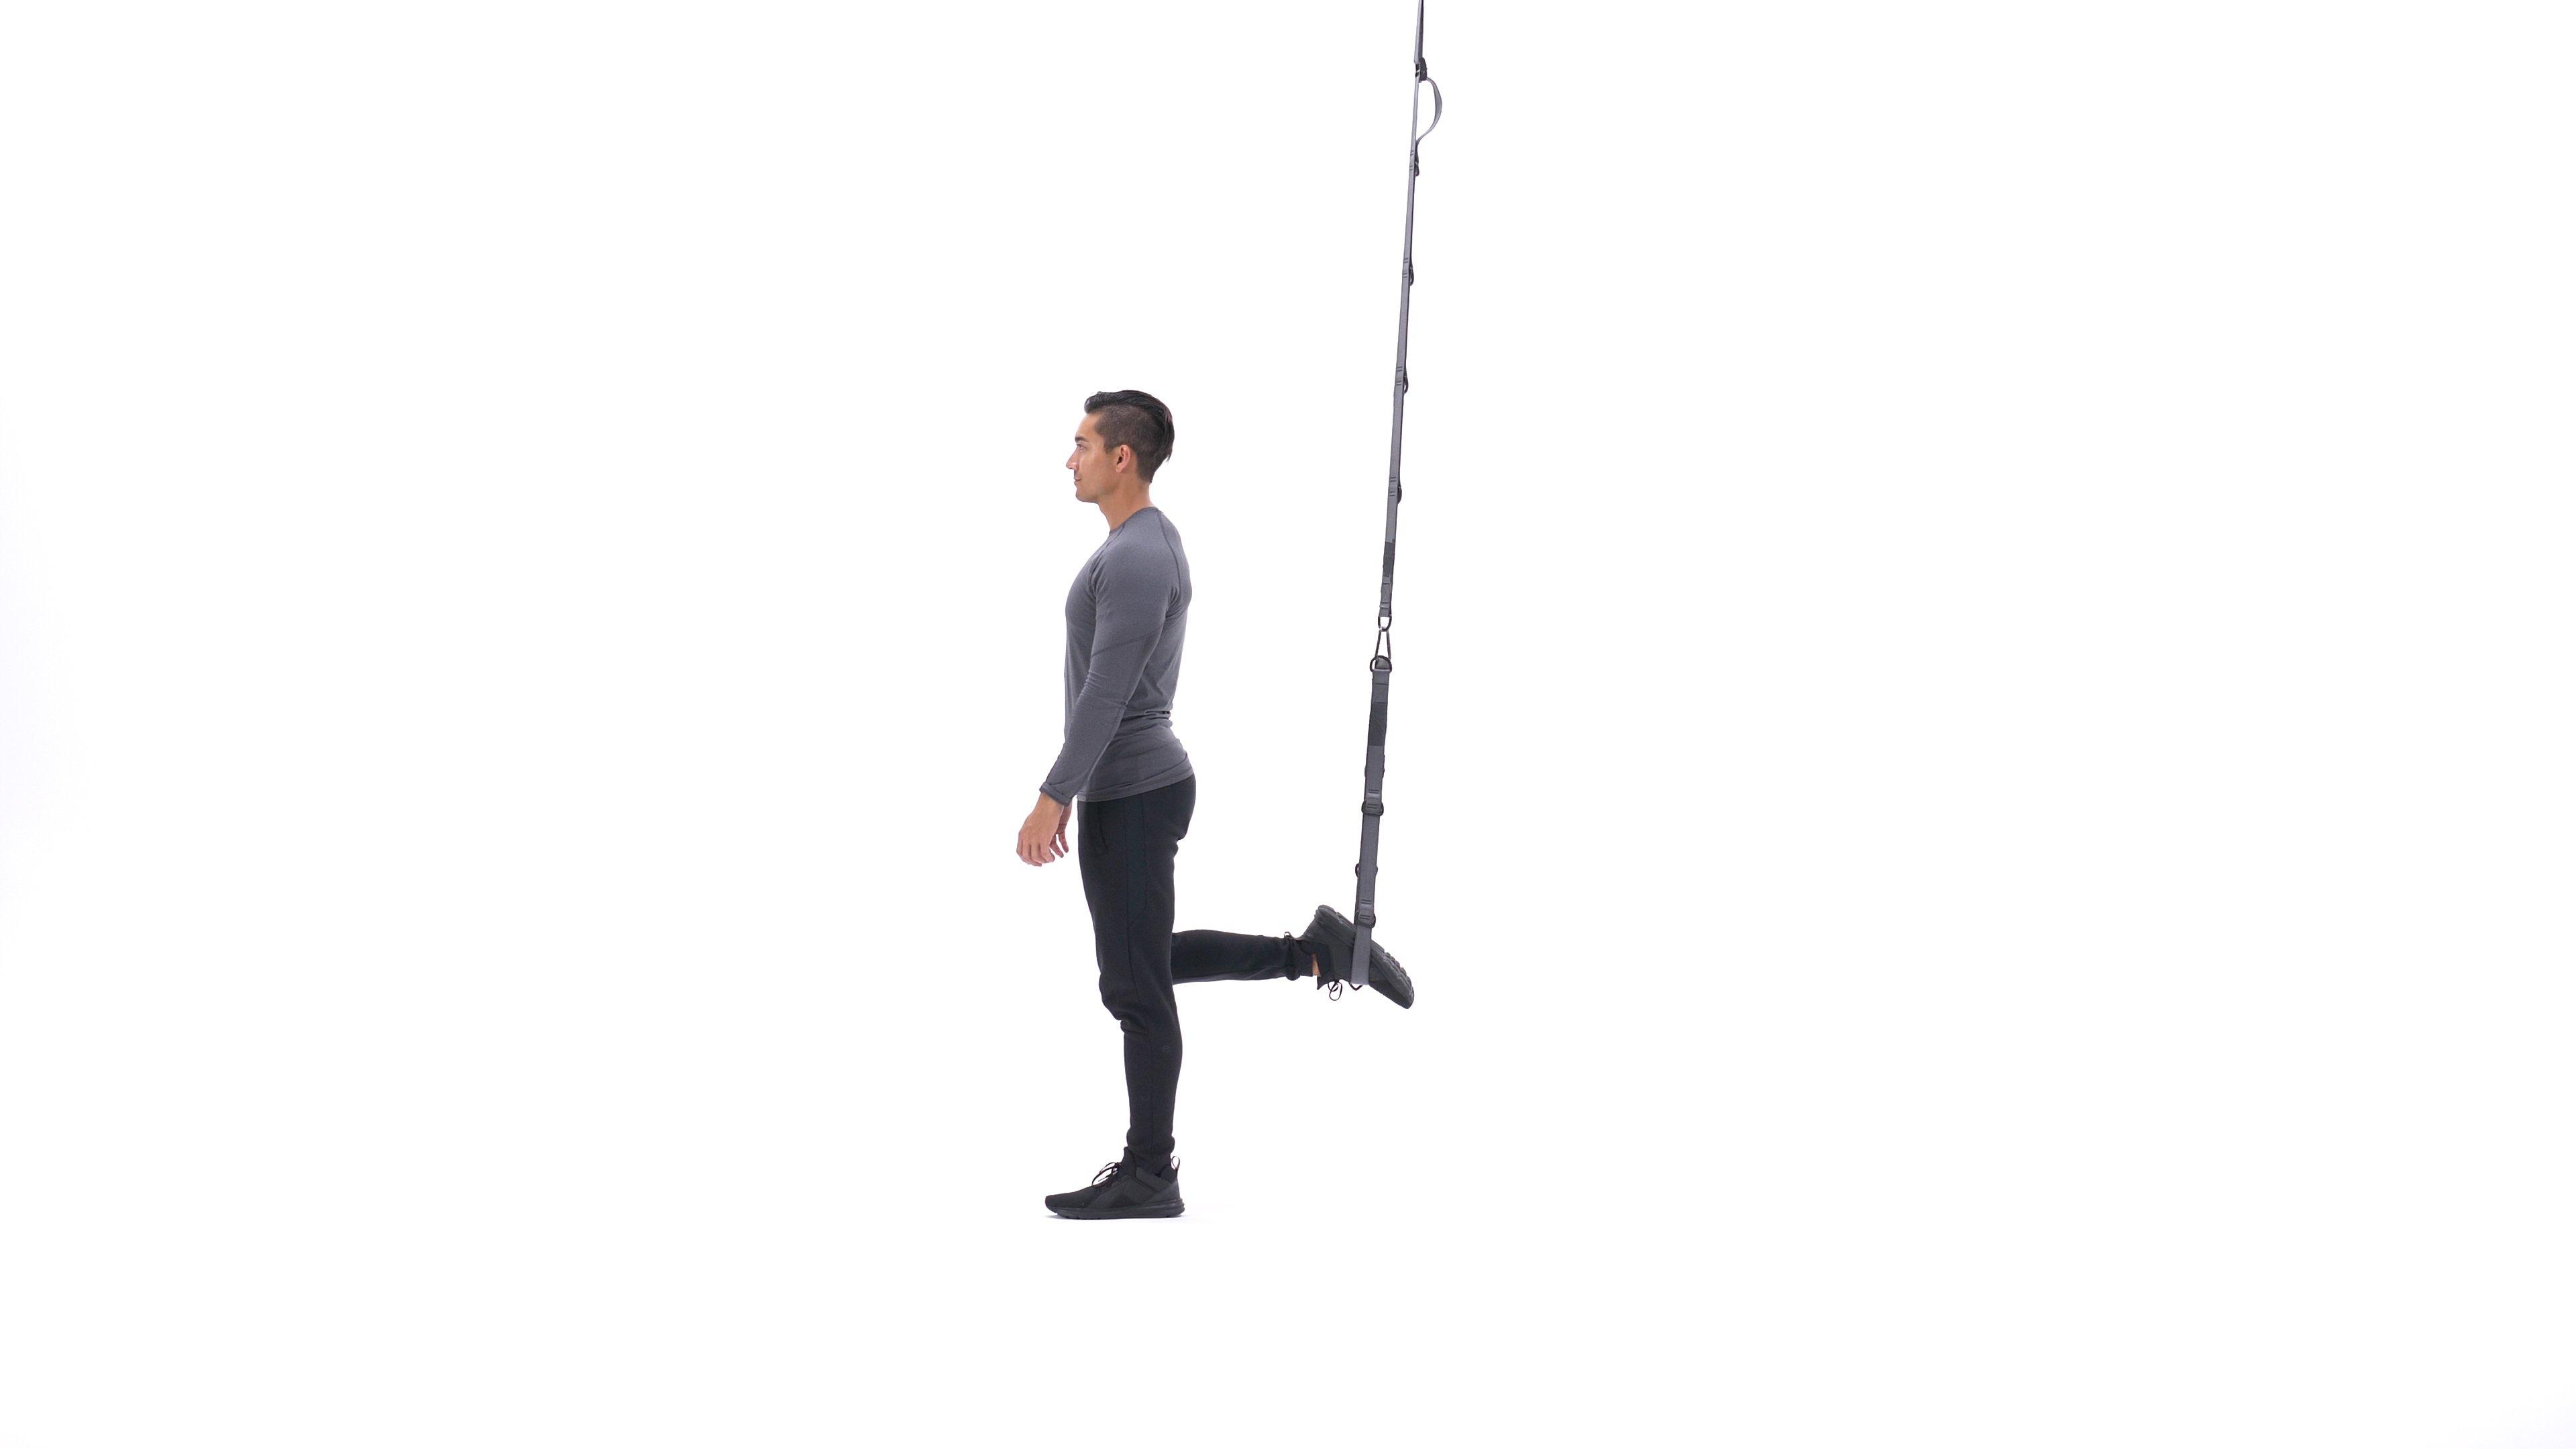 Suspended split squat image